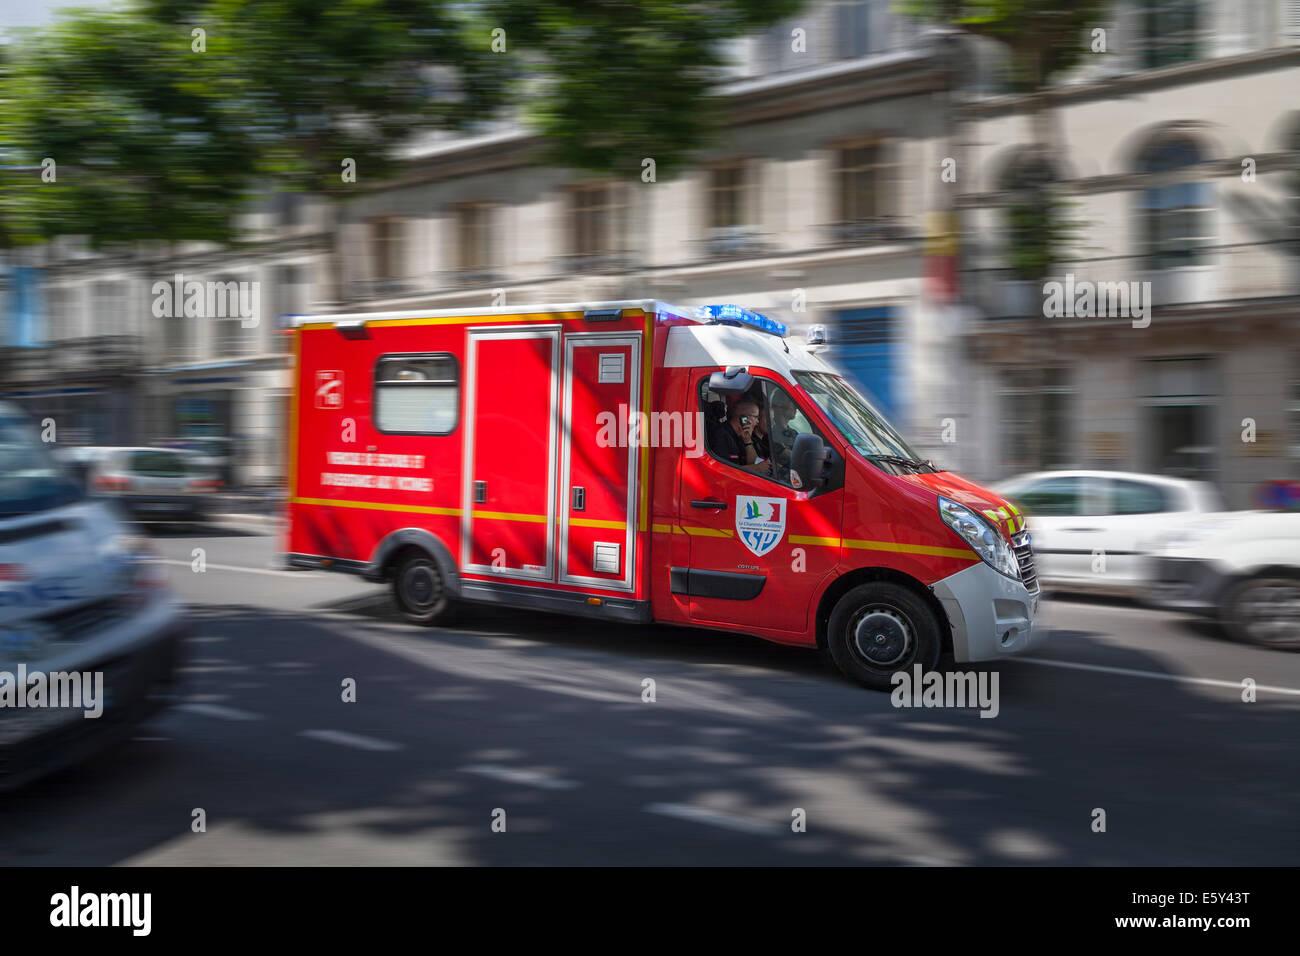 Vehículo de emergencia francés borrosa lanzarse a través de las calles de la ciudad con las luces Imagen De Stock